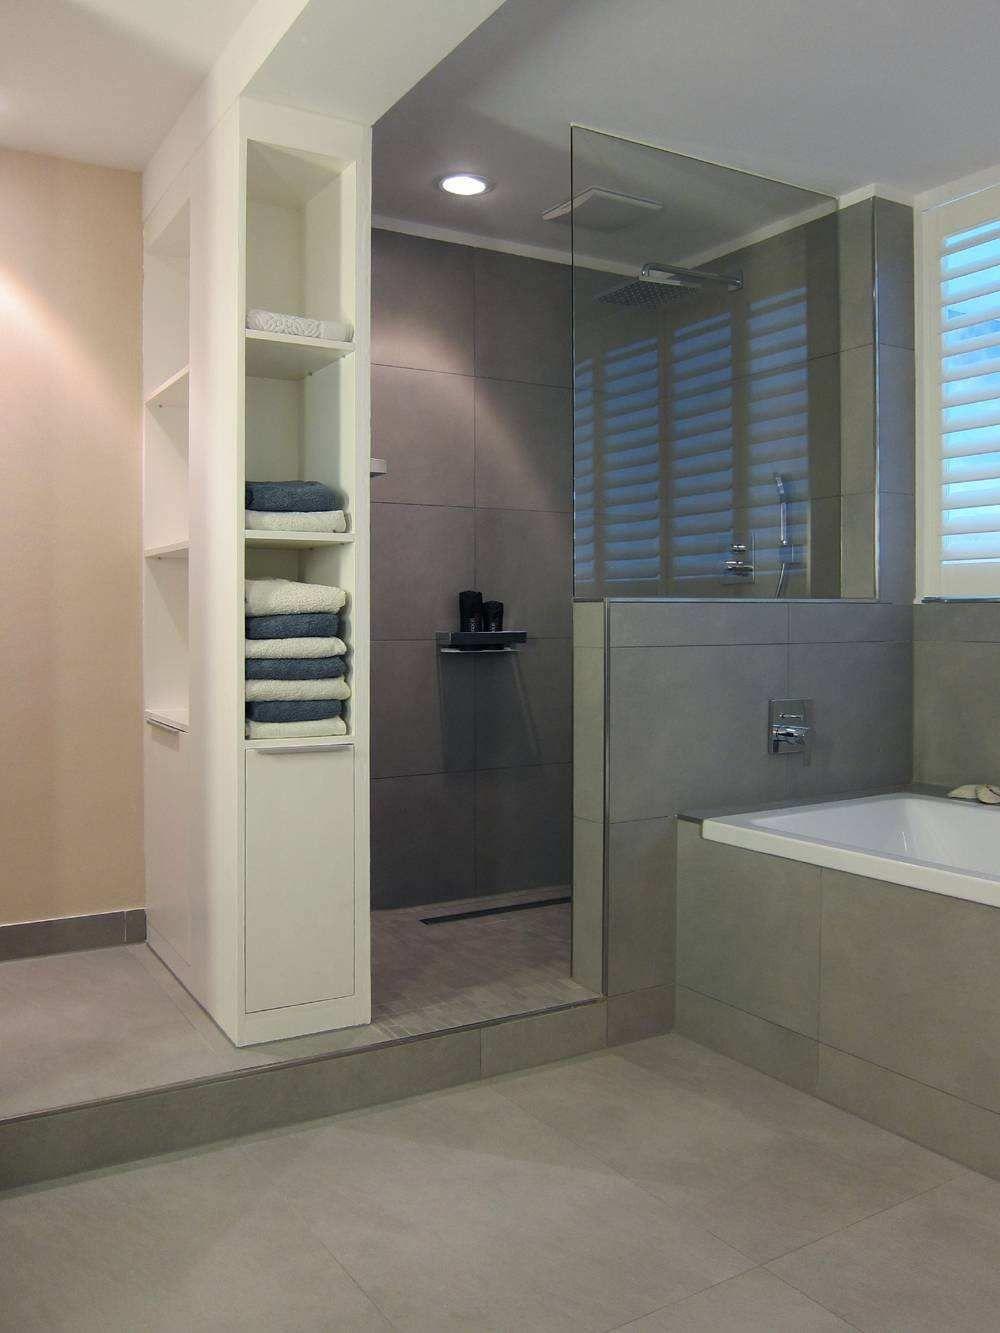 Bildergebnis für walk in dusche gemauert Dusche fliesen